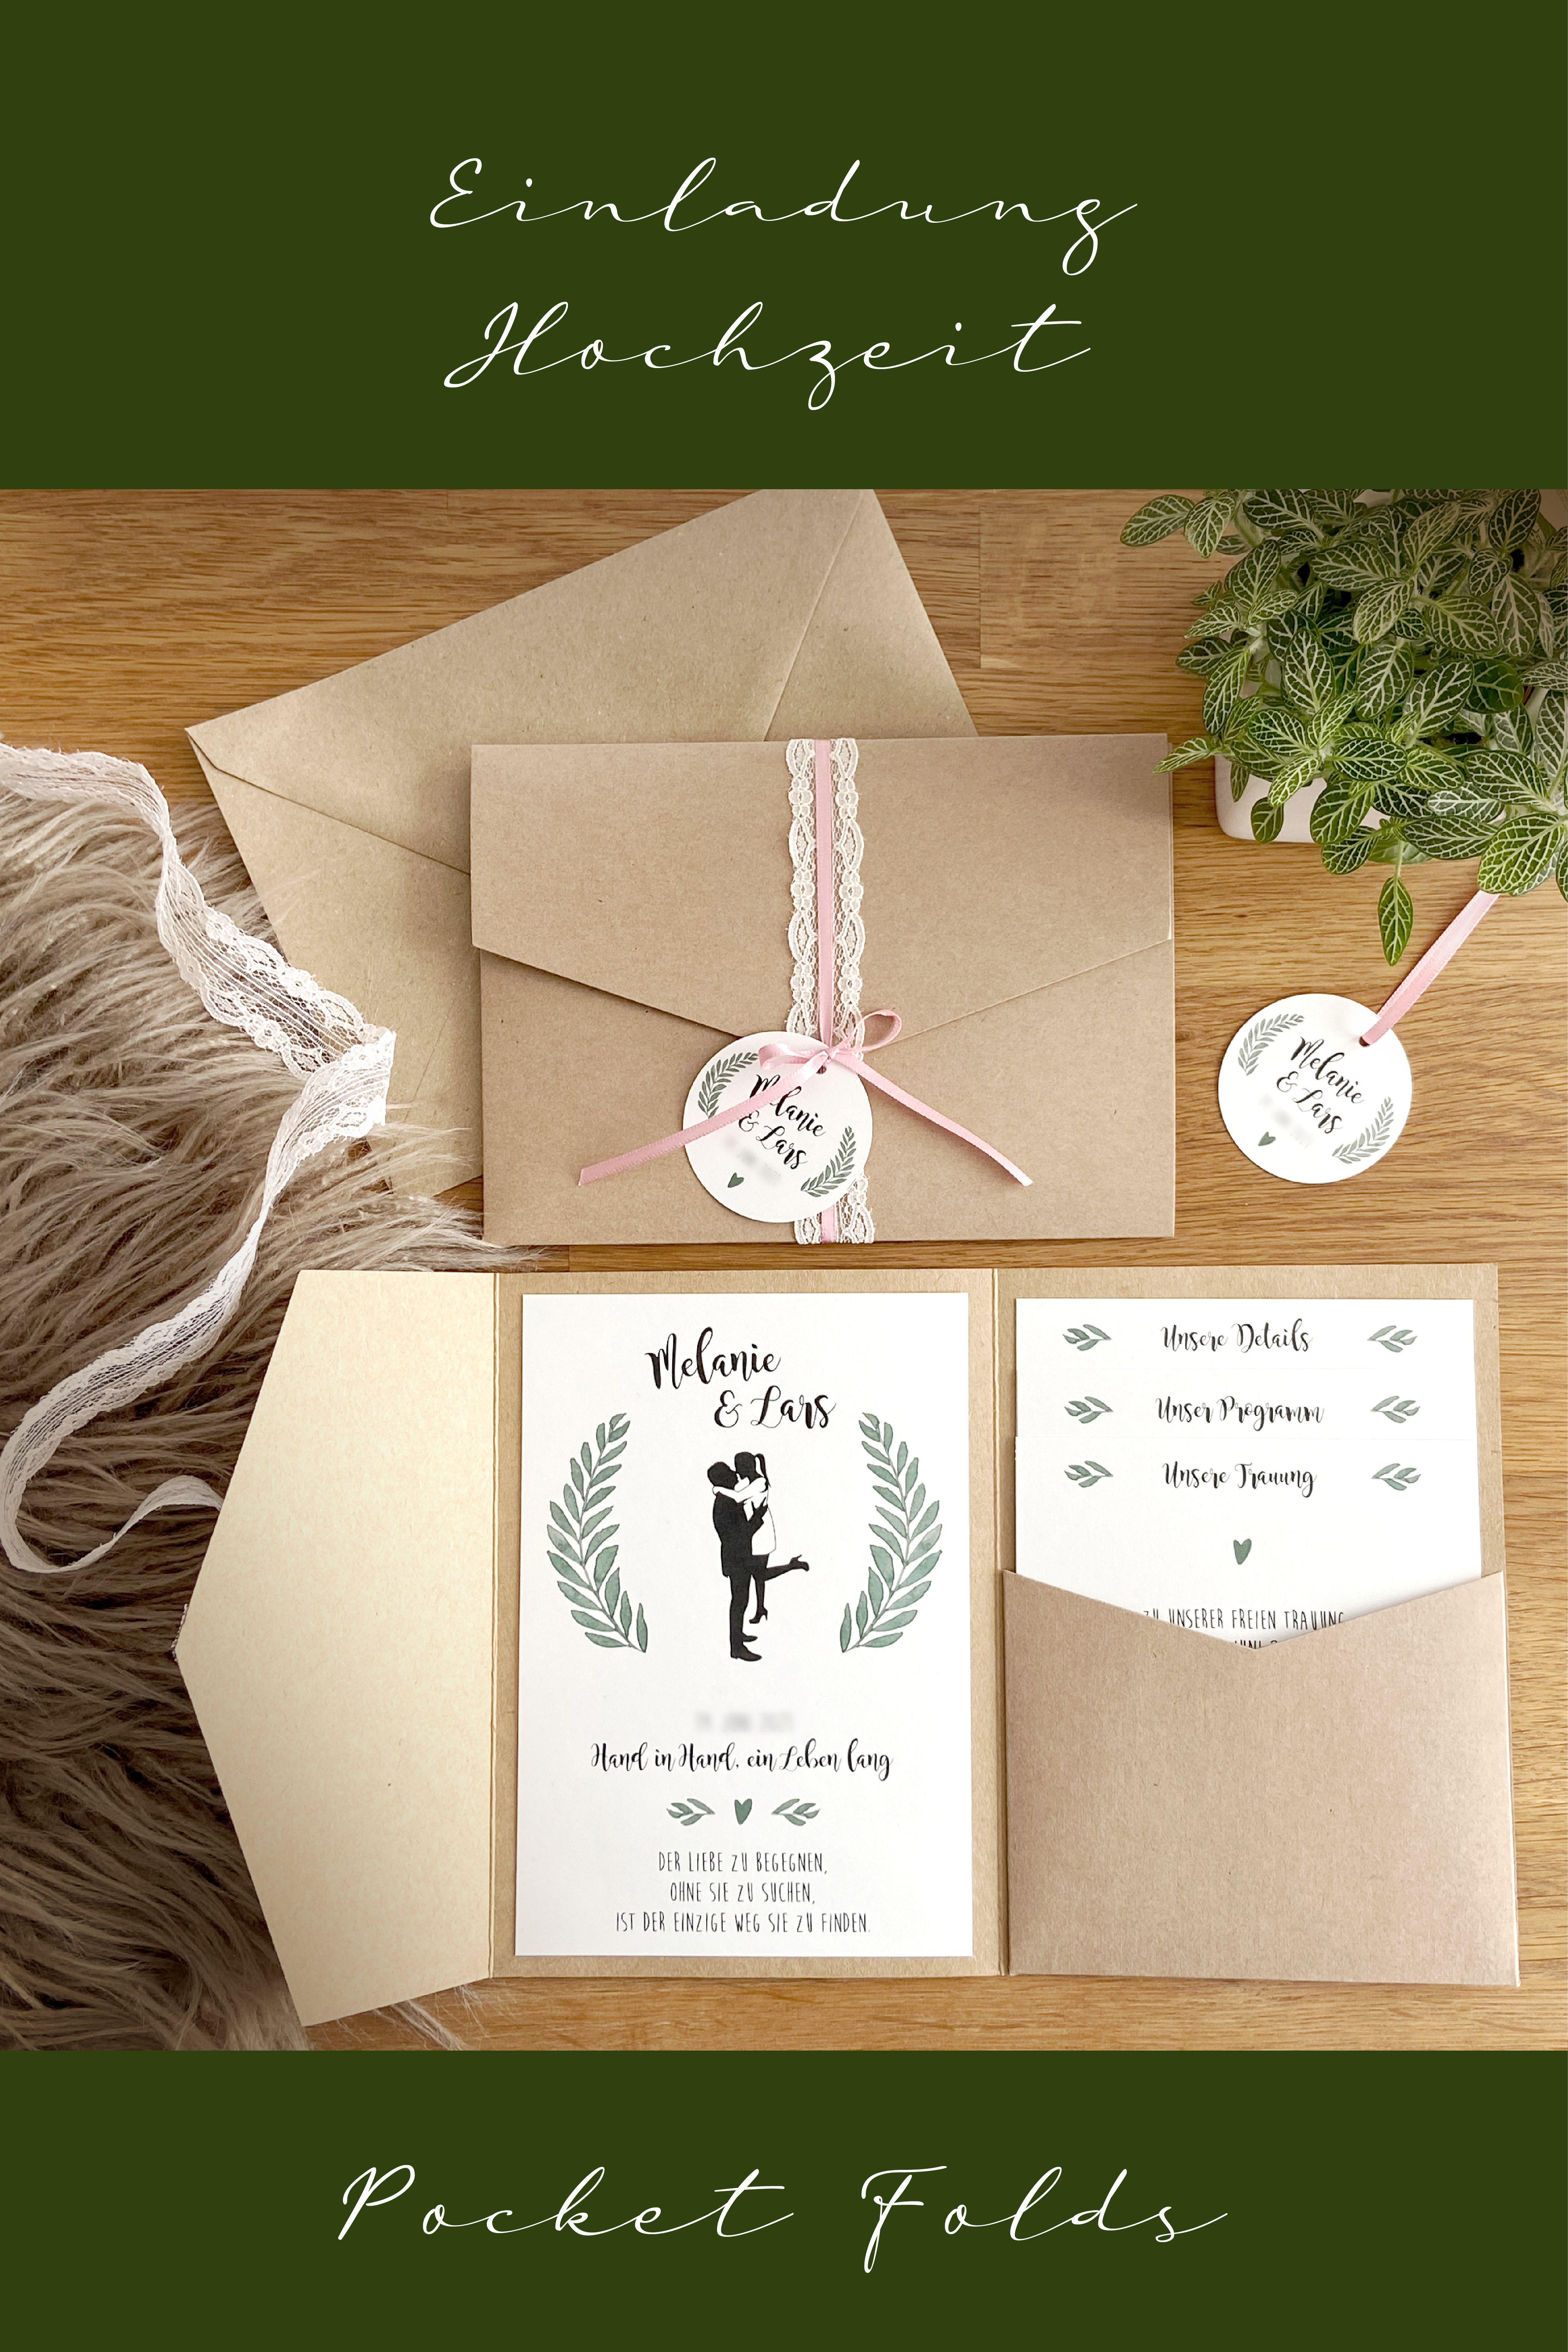 Pocket Fold Liebe Einladung Zur Hochzeit Gift Wrapping Gifts